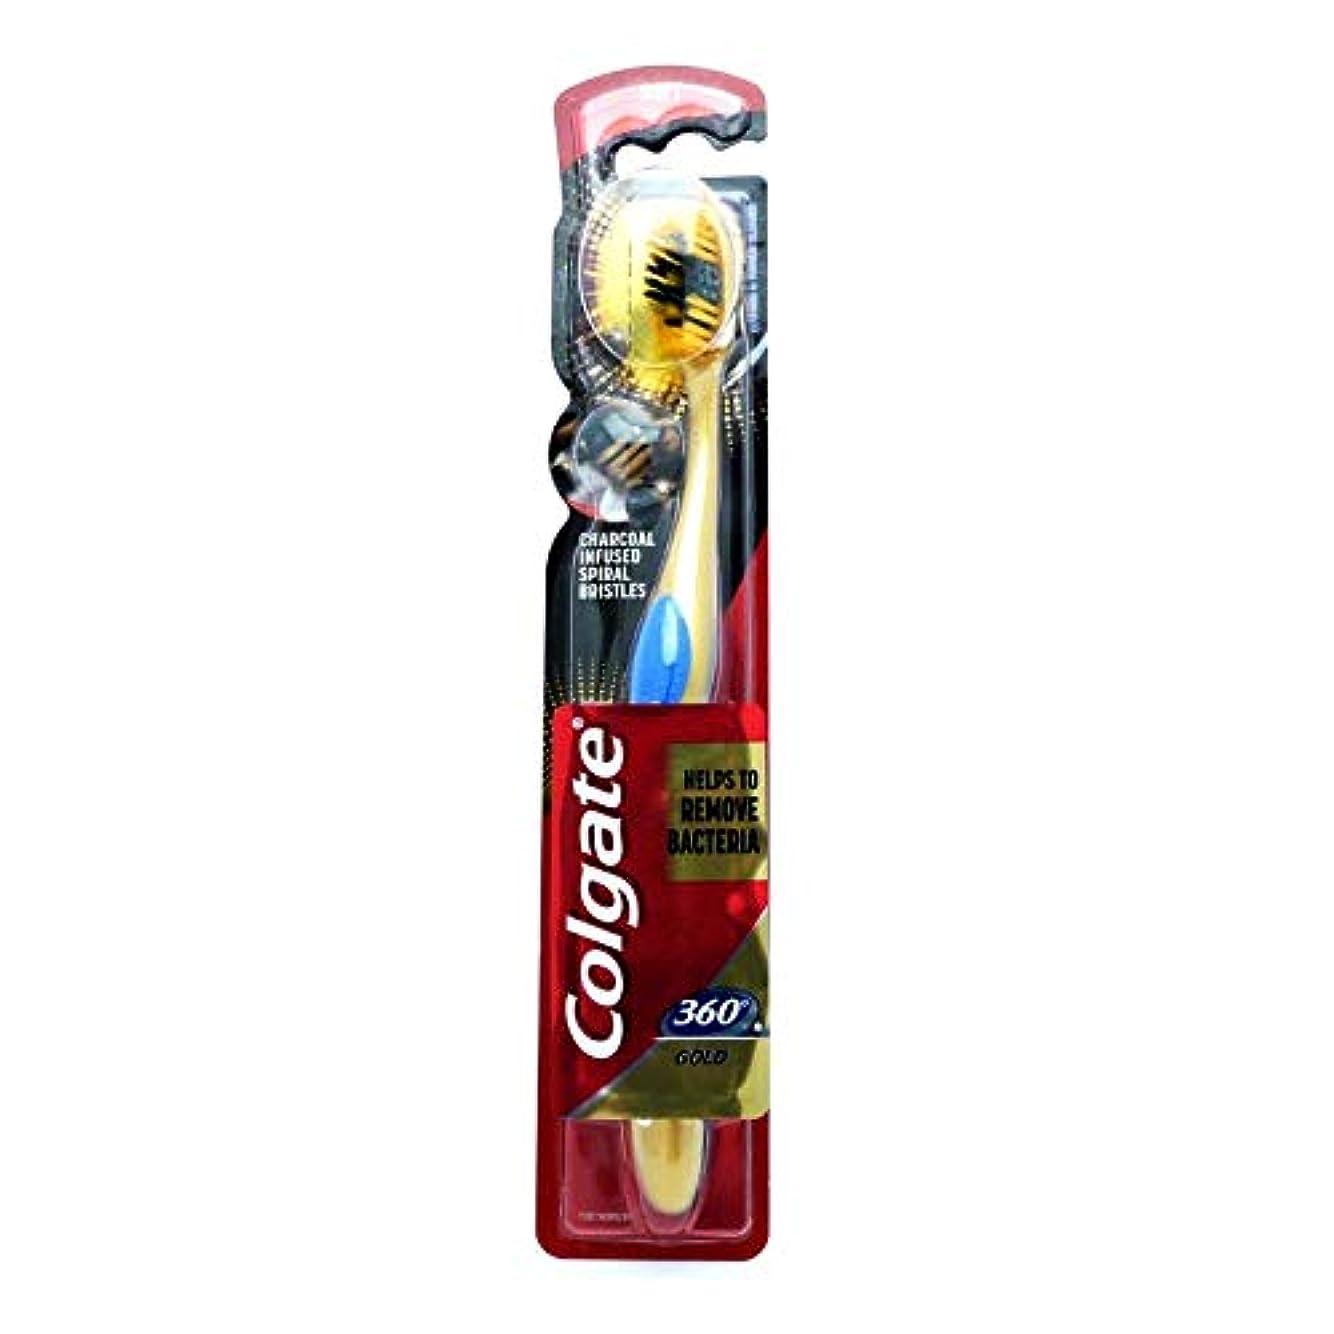 地域送料服を片付けるColgate Toothbrush Soft Charcoal Infused Spiral Bristles 360 GOLD Helps To Remove Bacteria